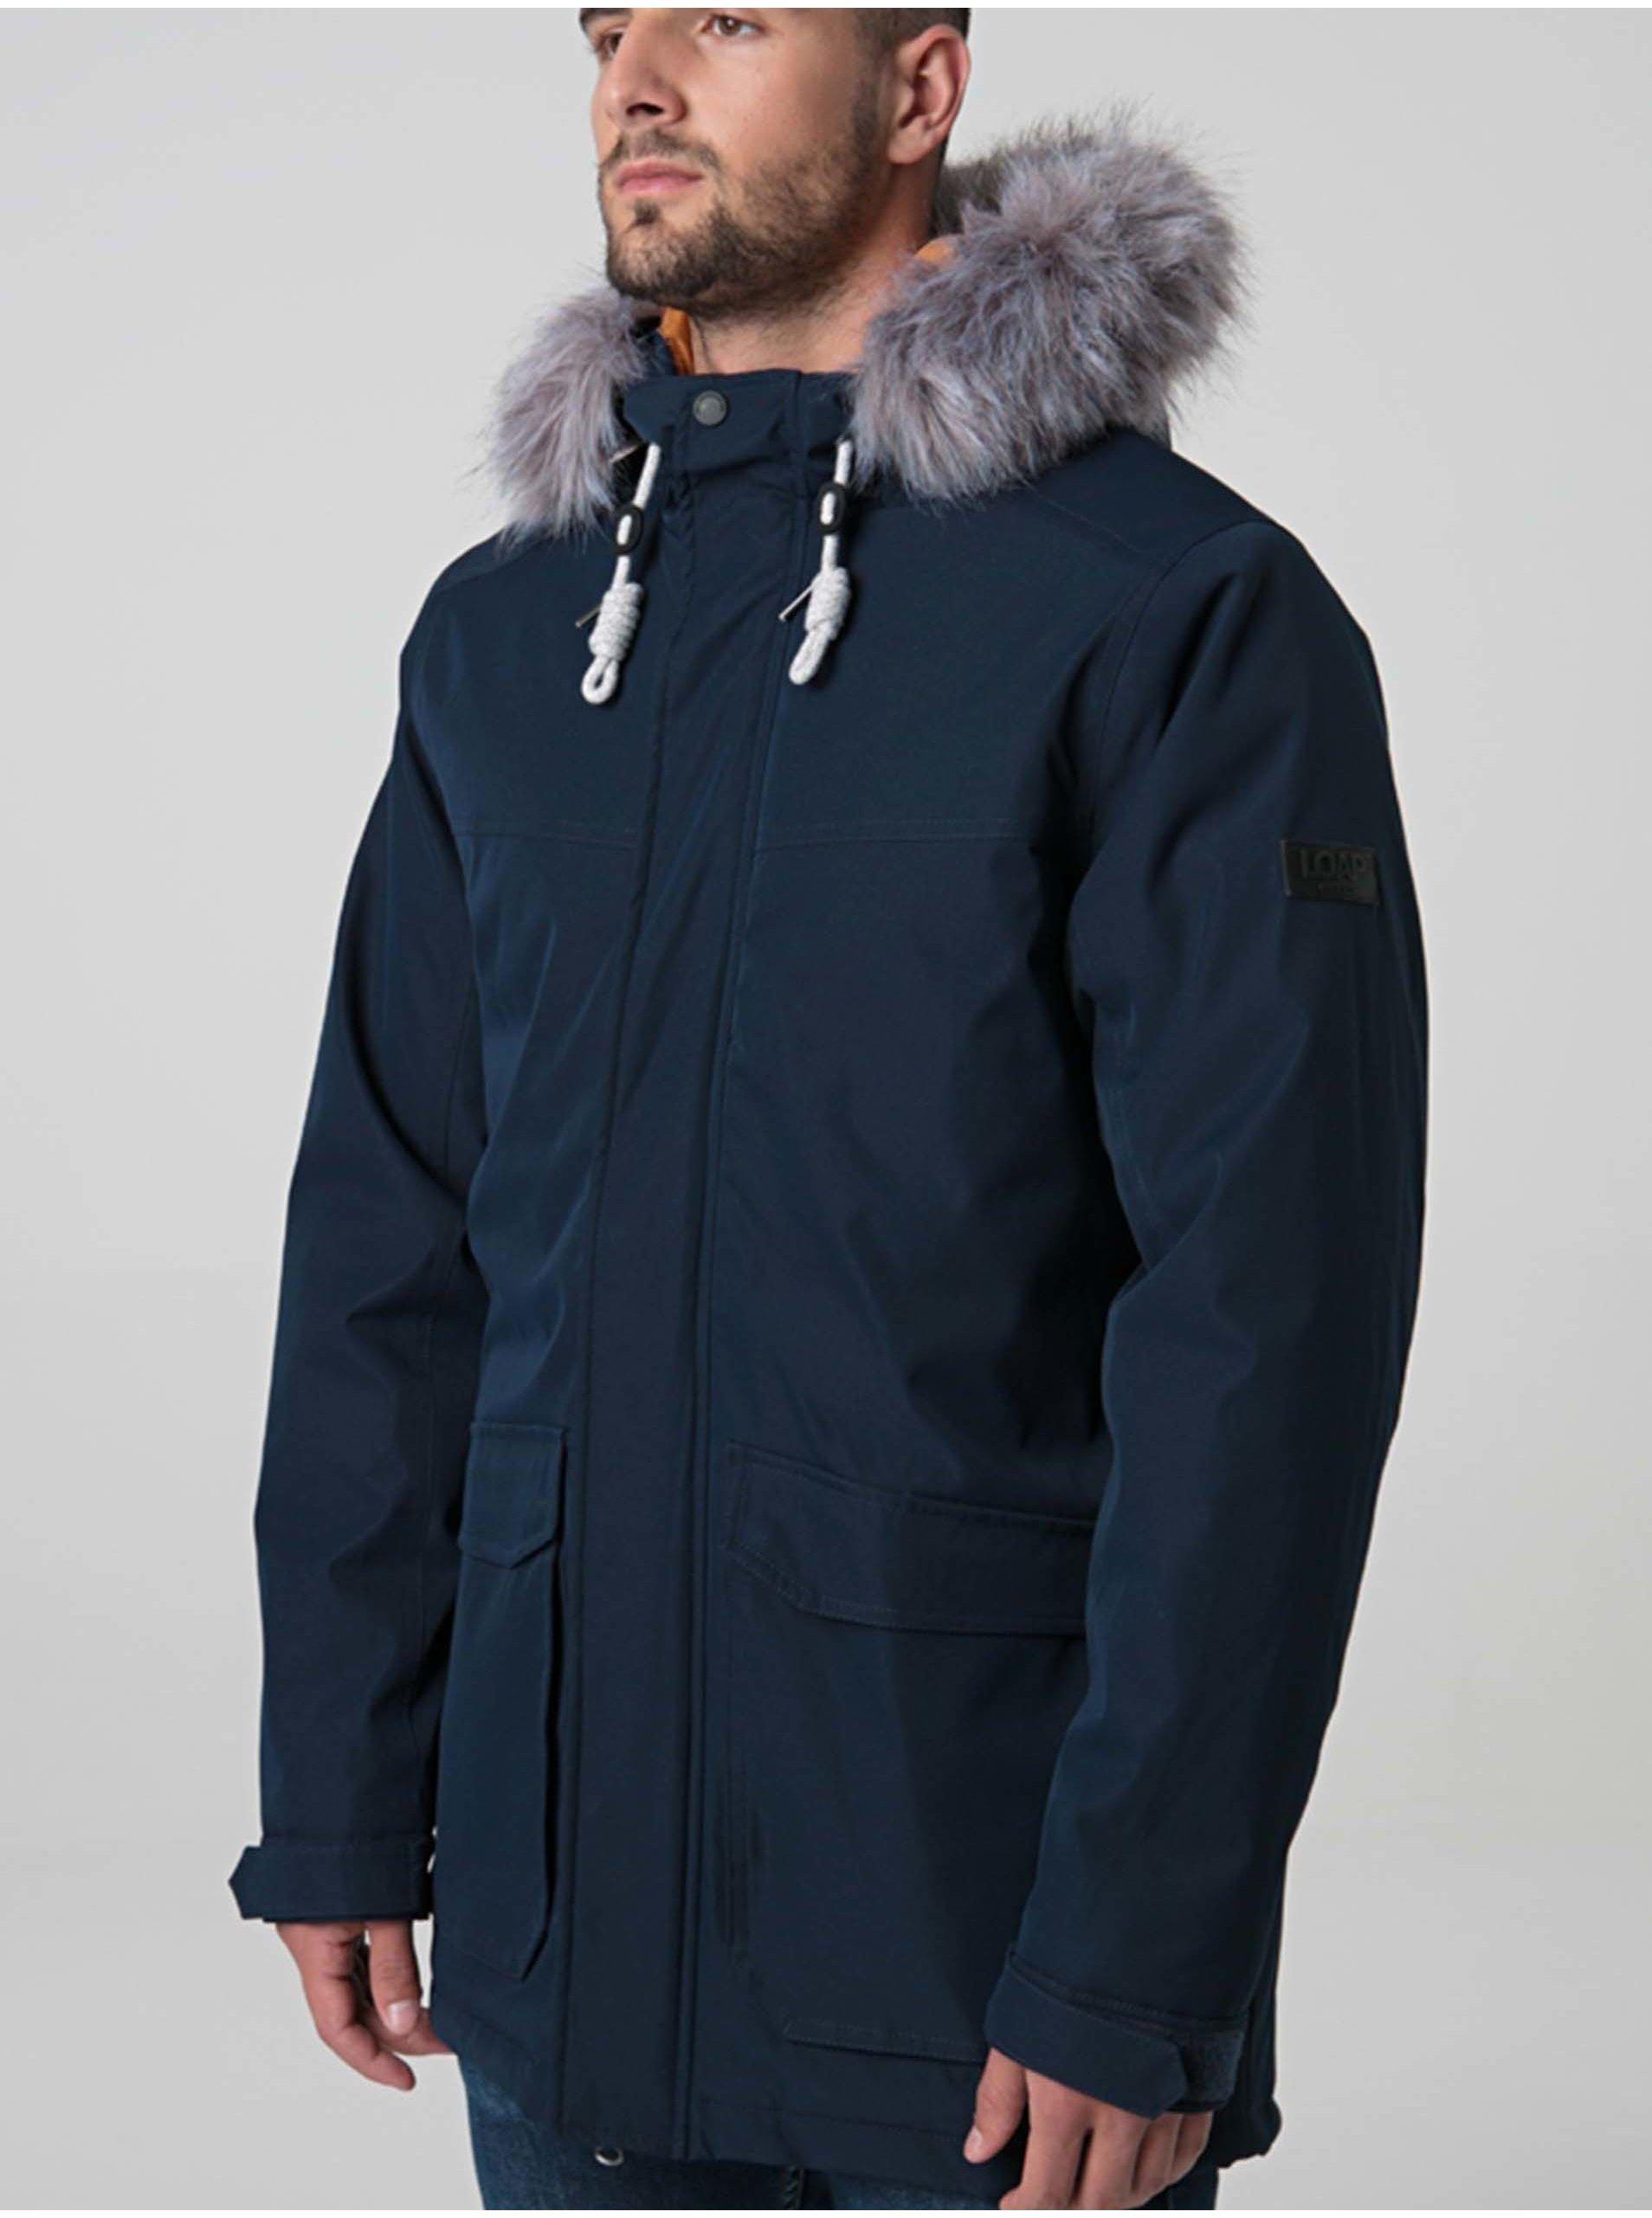 Kabát Narvic Loap